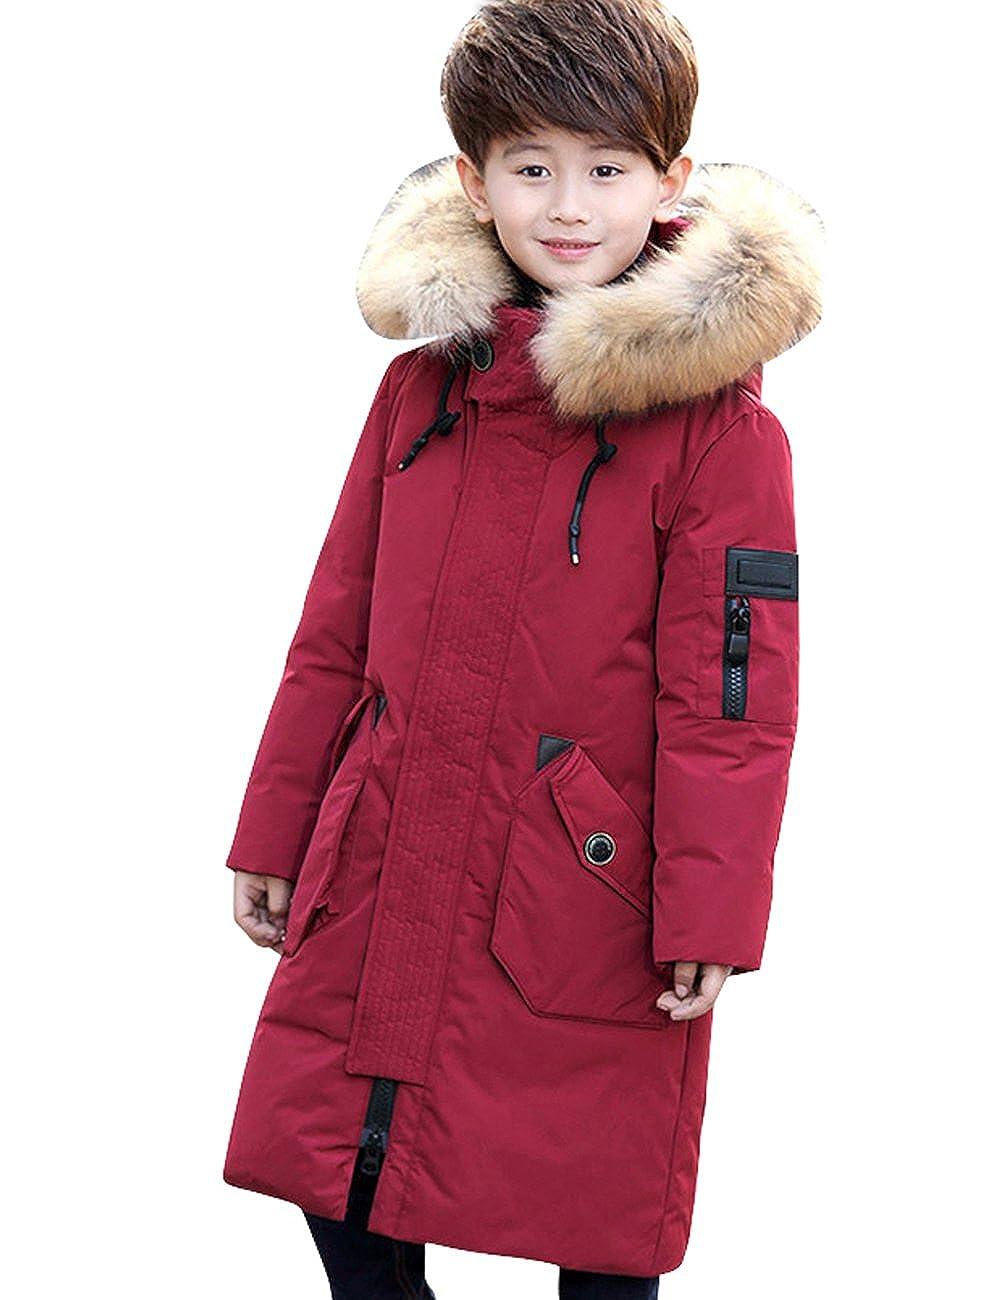 Menschwear Boy's Down Fur Hooded Jacket Winter Warm Outwear CN-YHQ-8828